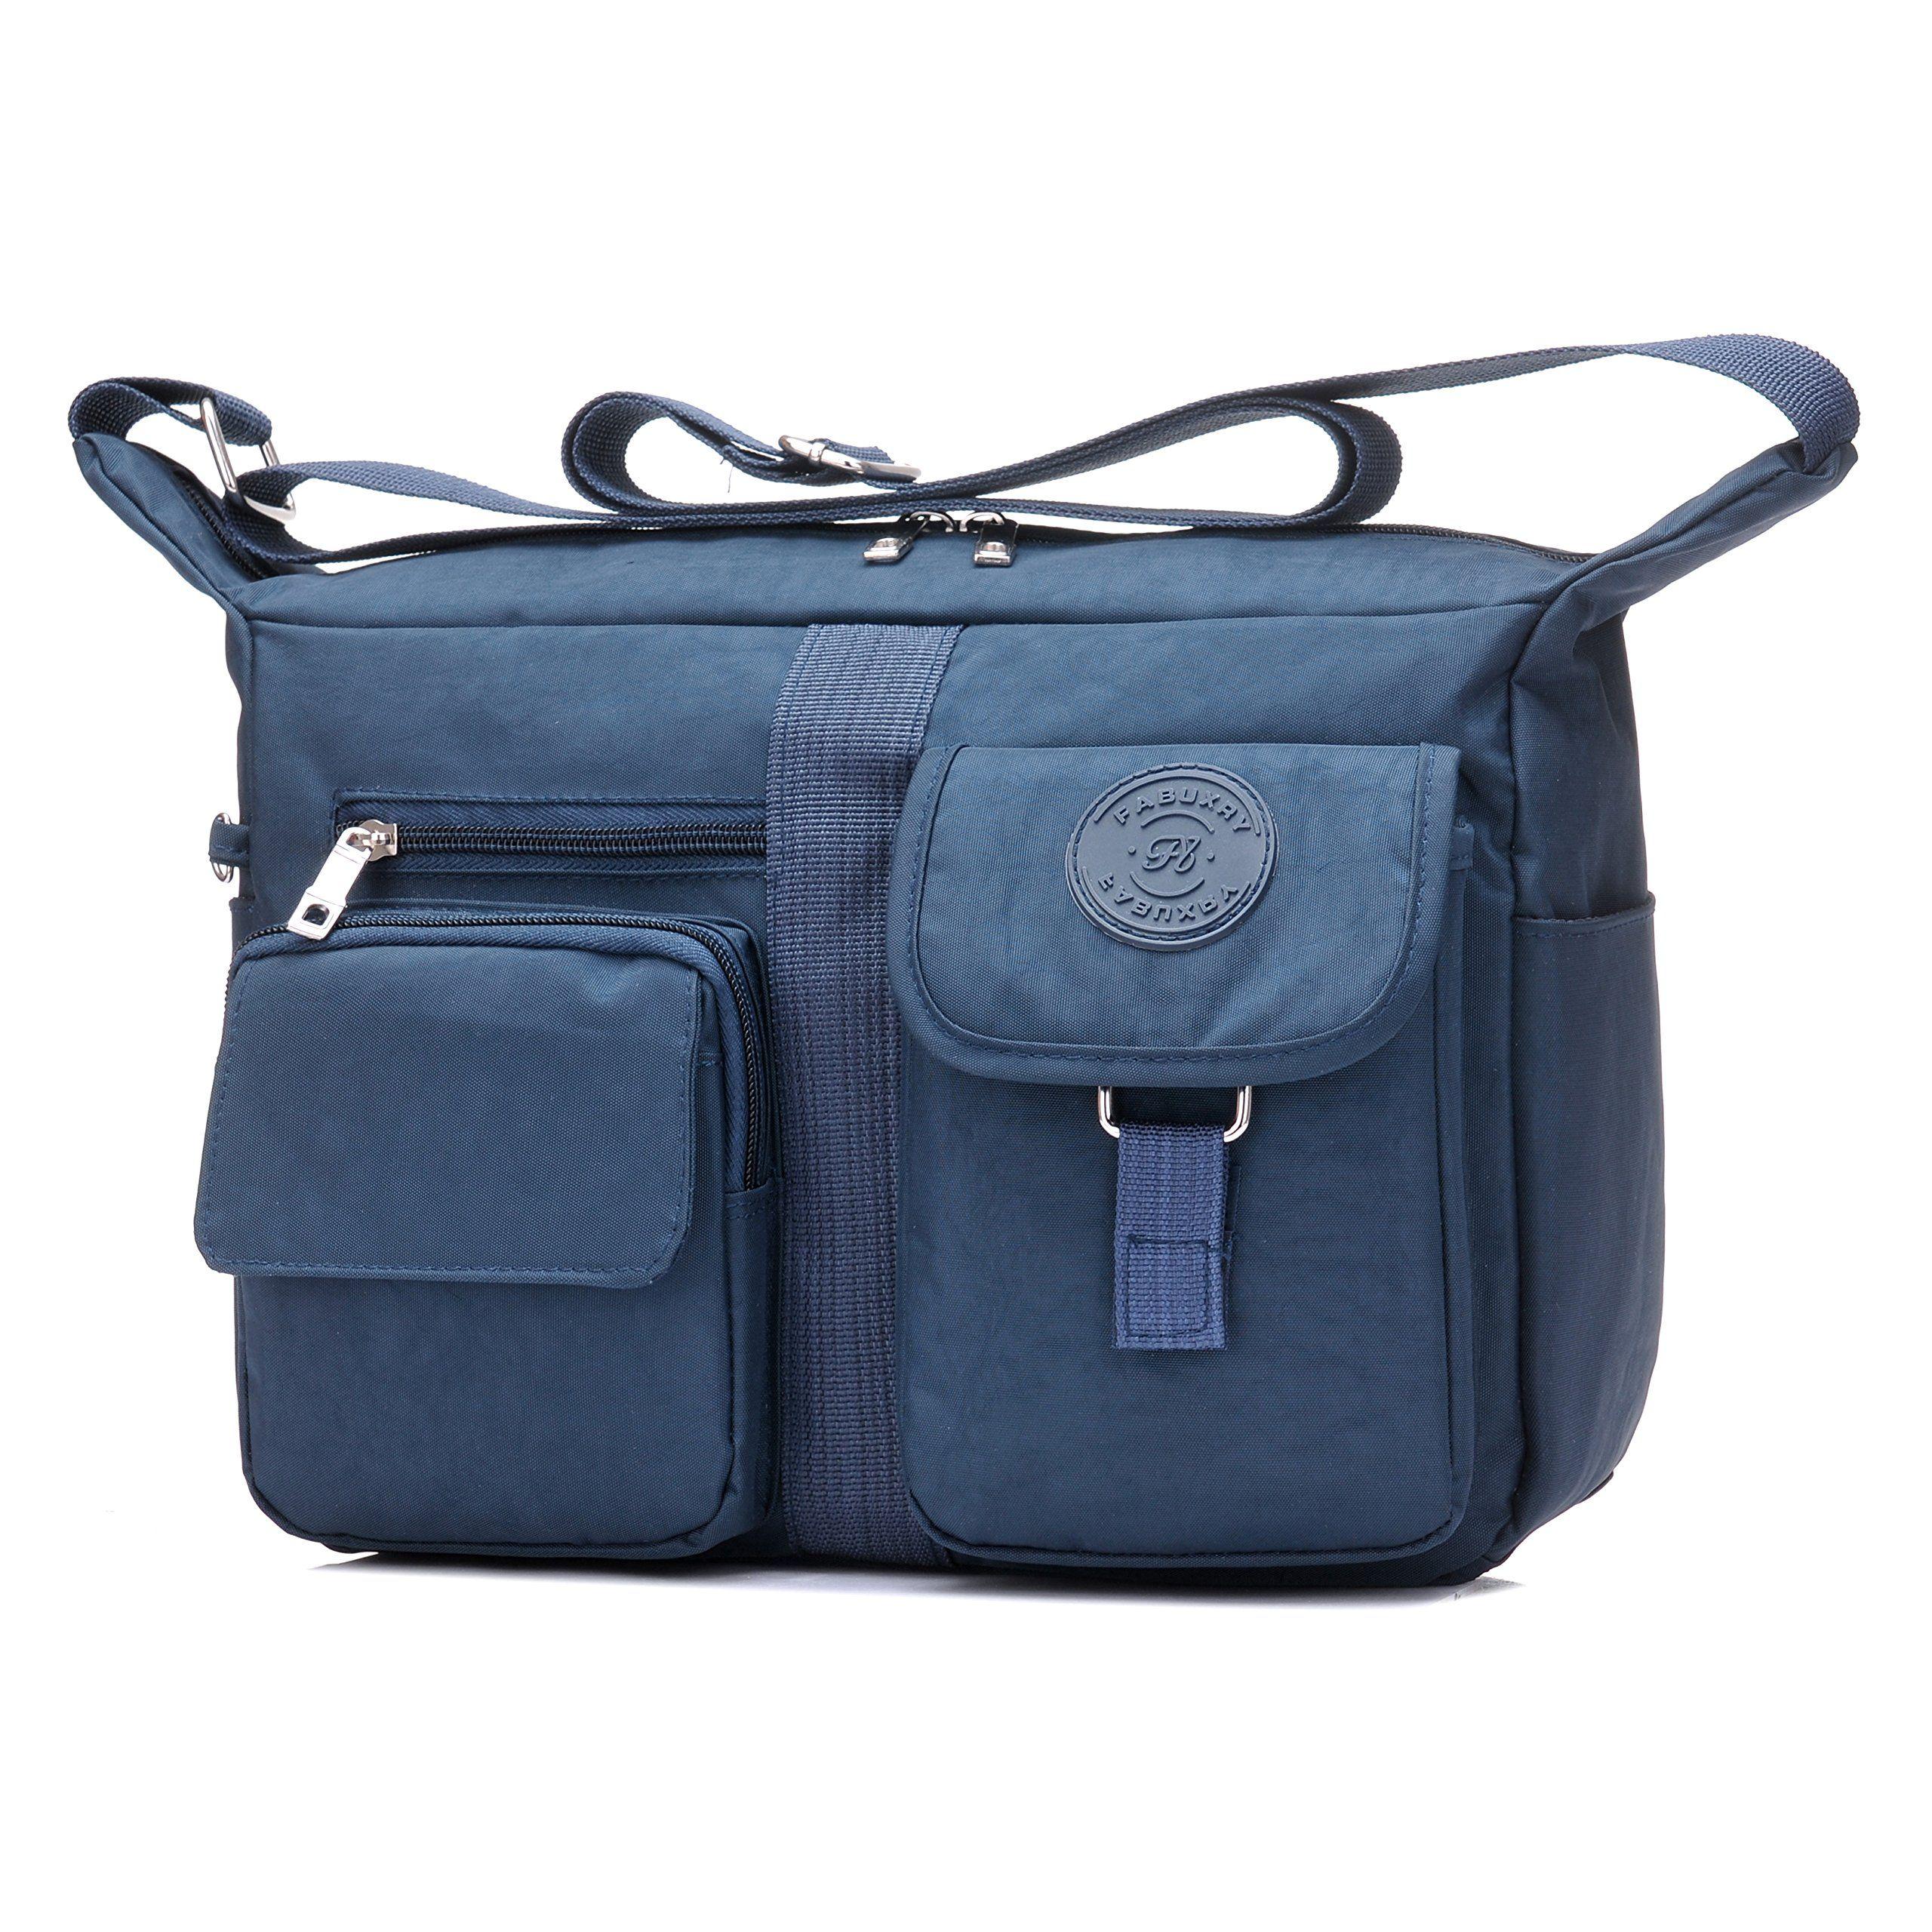 e10d42138619 Fabuxry Womens Shoulder Bags Casual Handbag Travel Bag Messenger ...